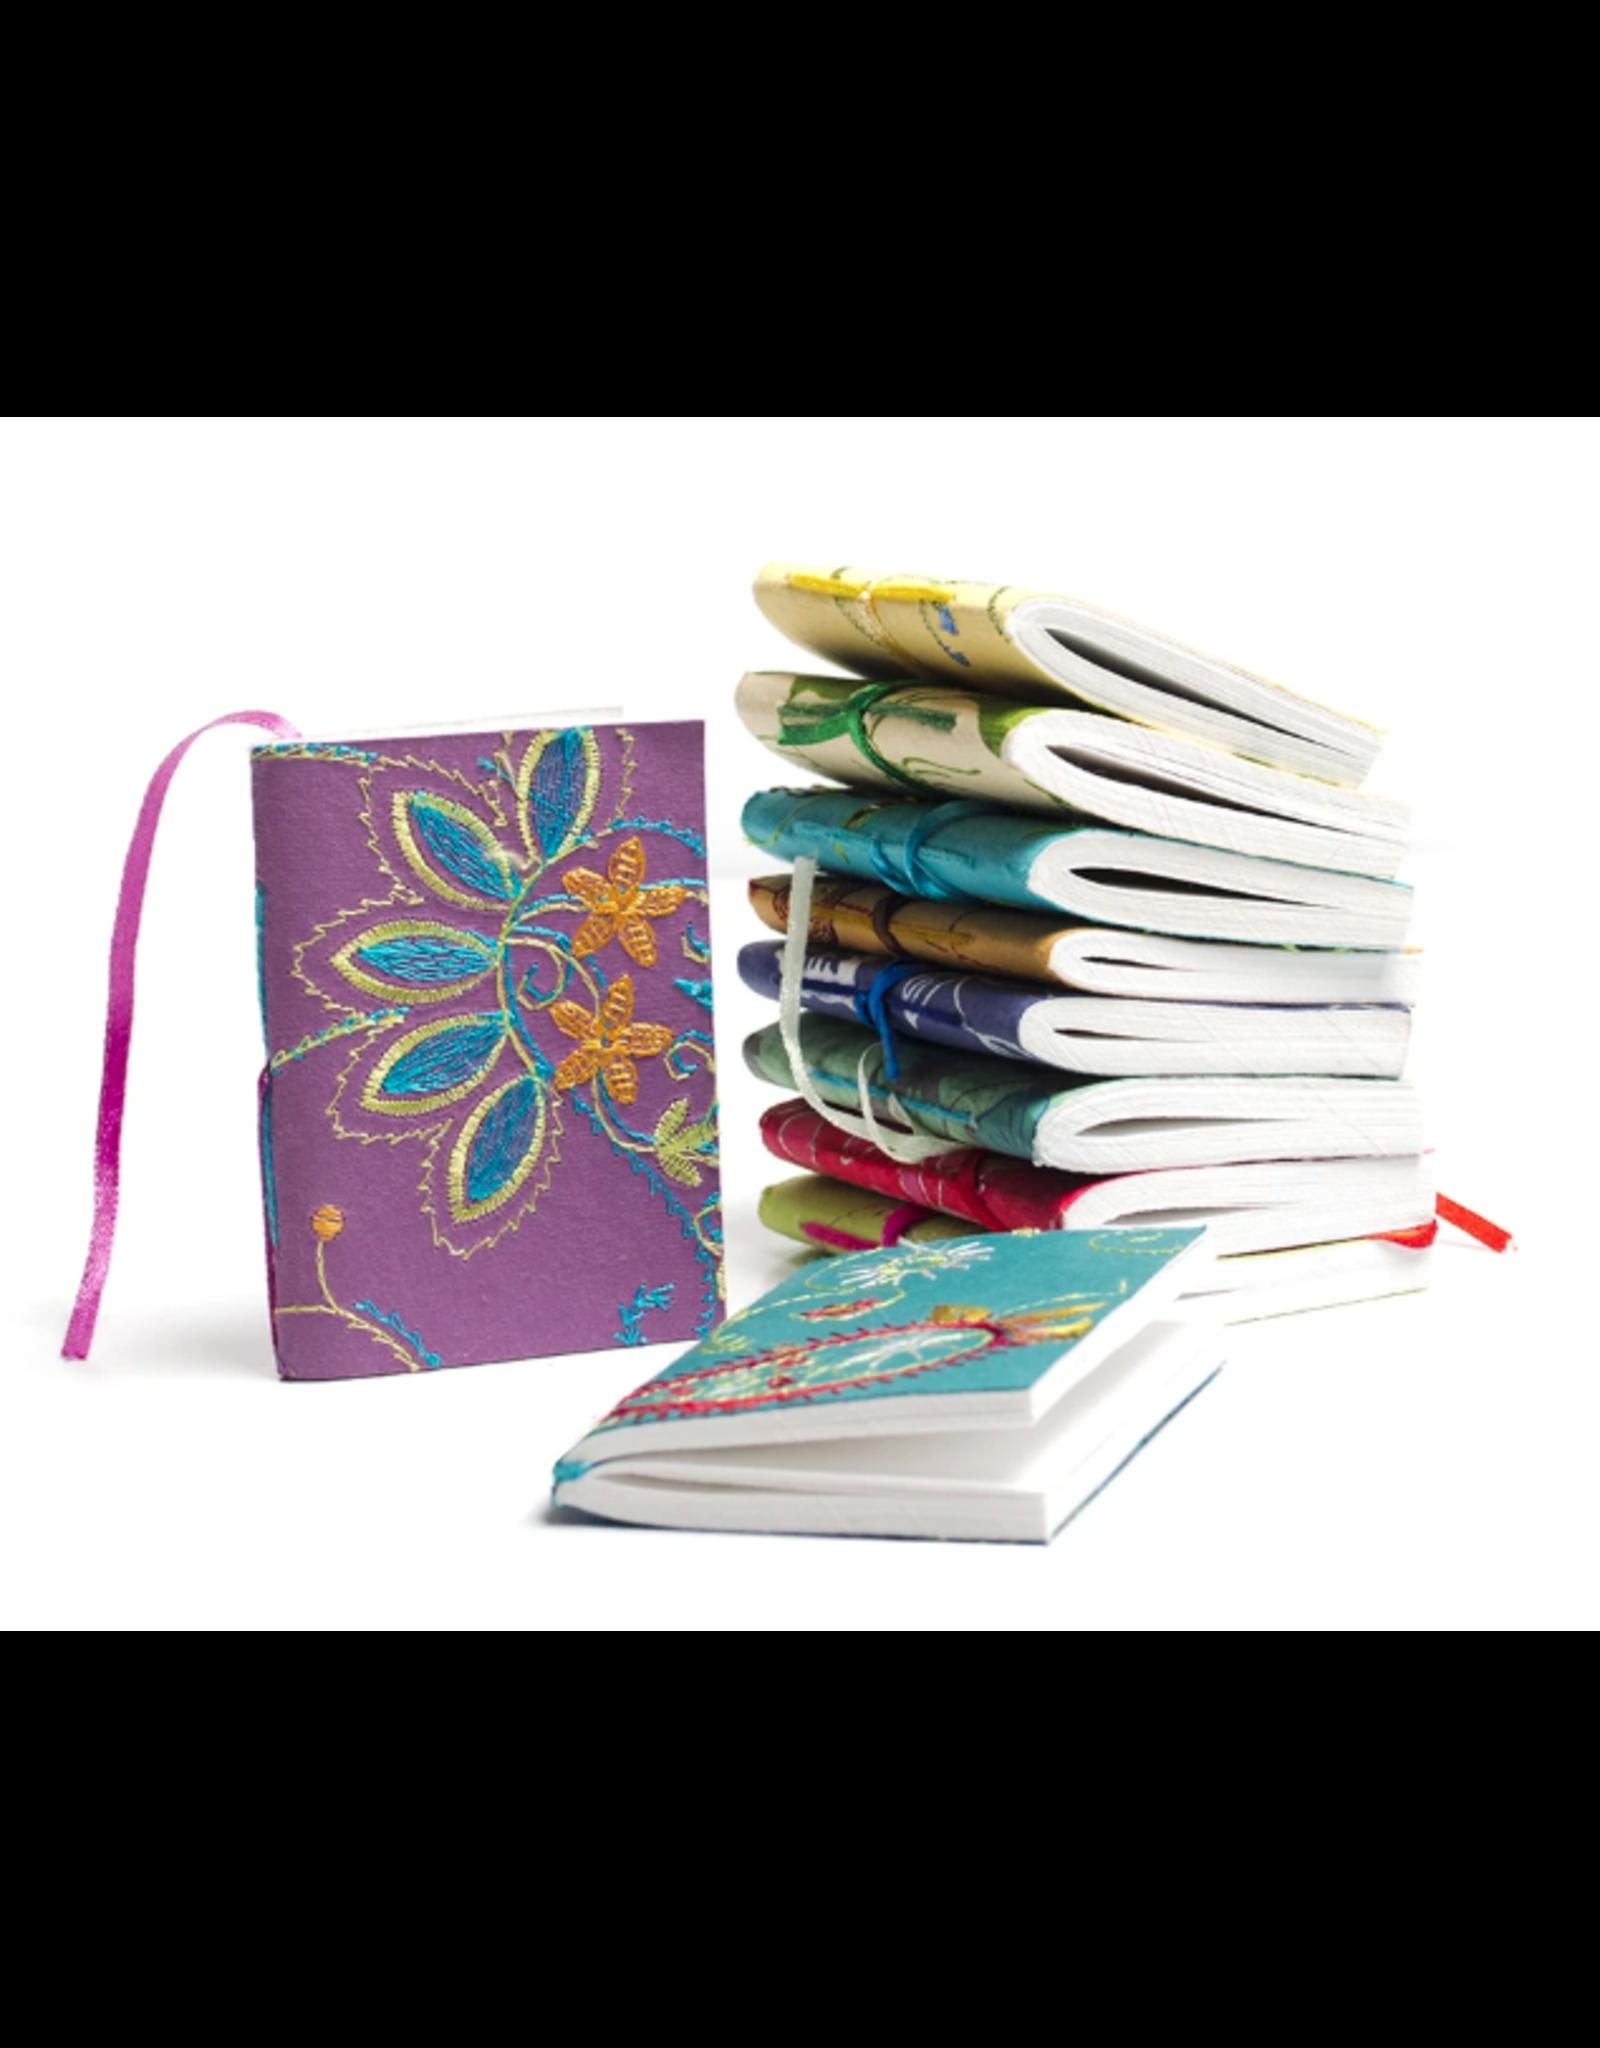 Matr Boomie Mini Tree Free Paper Book